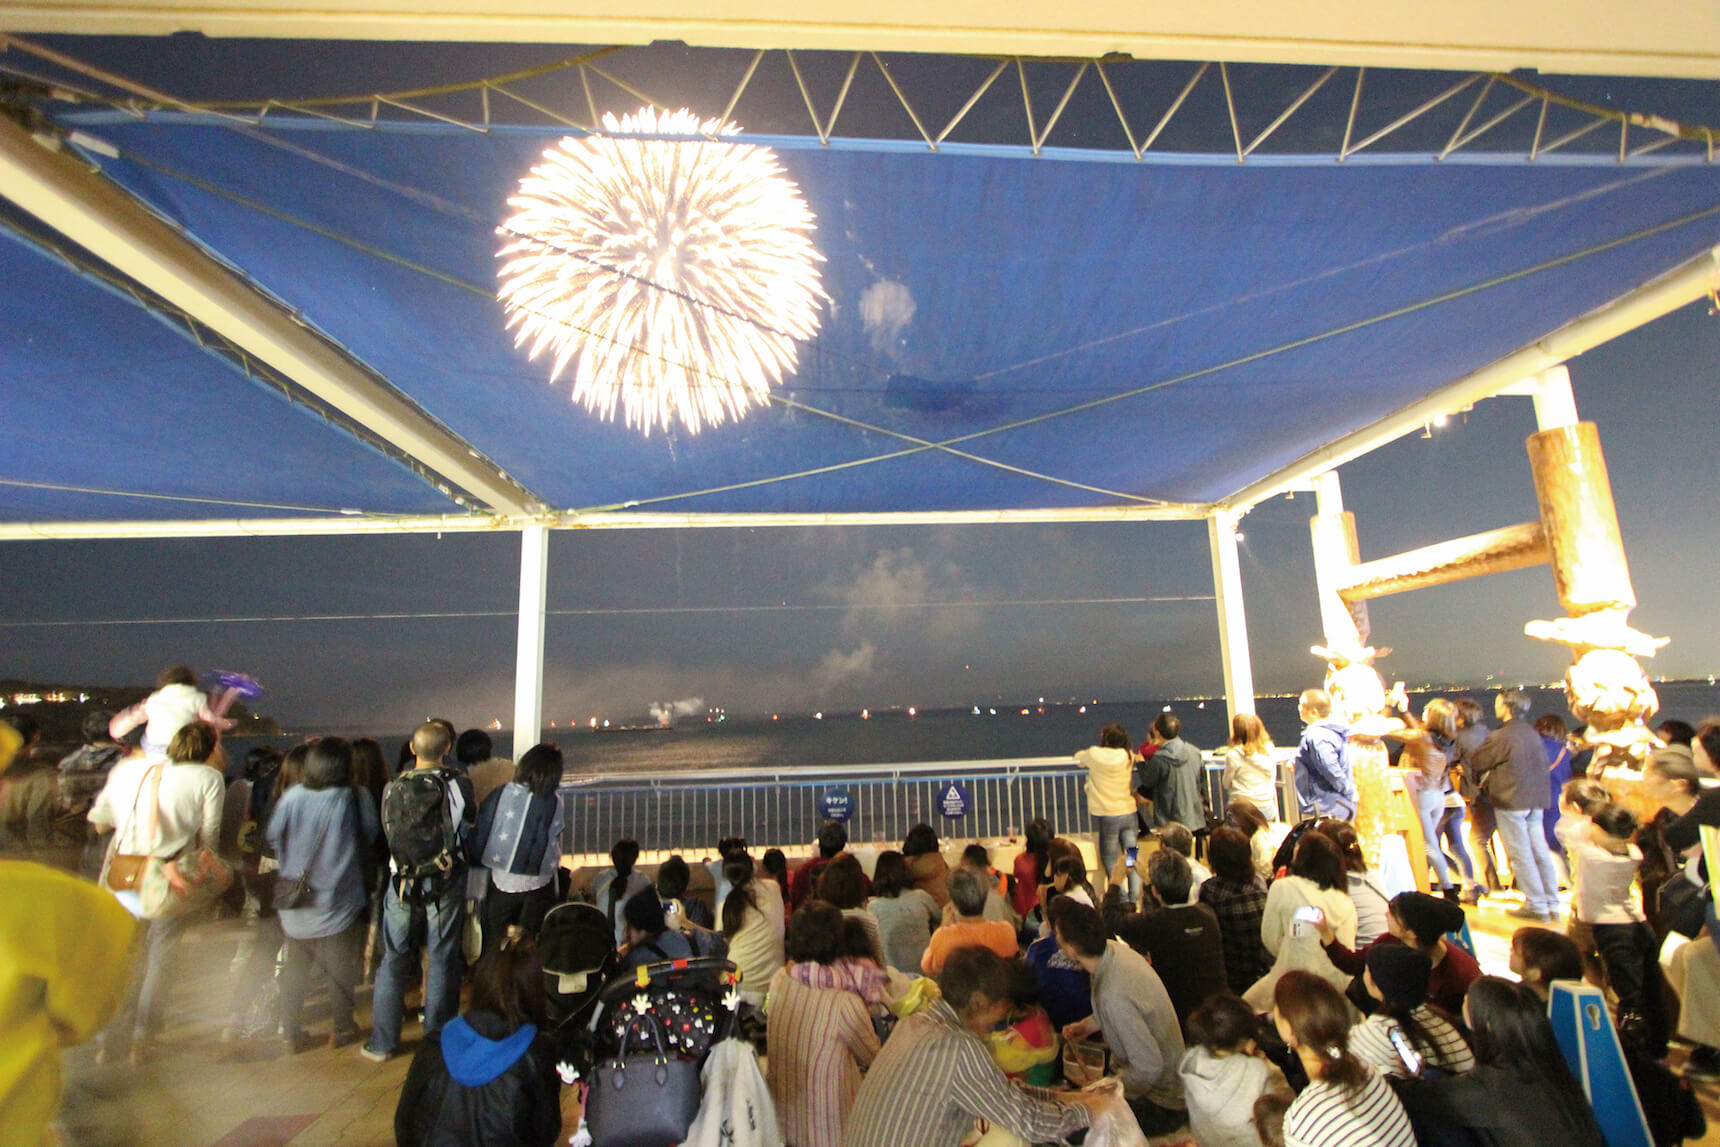 さらには、1年に1回、江ノ島花火大会の日に合わせて行われる感謝祭では、なんと江ノ島水族館を貸切に。オーナーさん、入居者さんなど、関わりのある2,000名もの方を招待されていて、毎年楽しみにしている方も多いんだそうです。